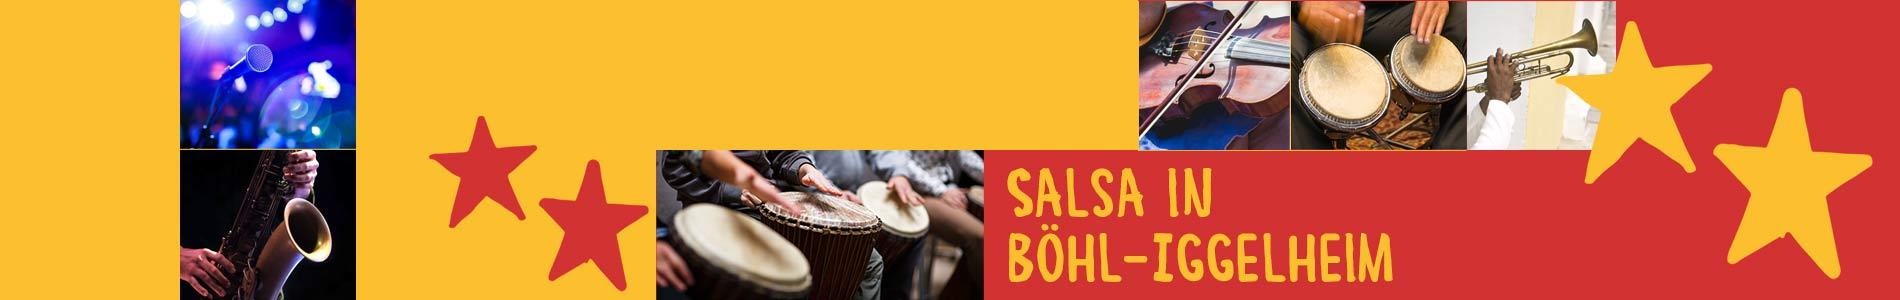 Salsa in Böhl-Iggelheim – Salsa lernen und tanzen, Tanzkurse, Partys, Veranstaltungen